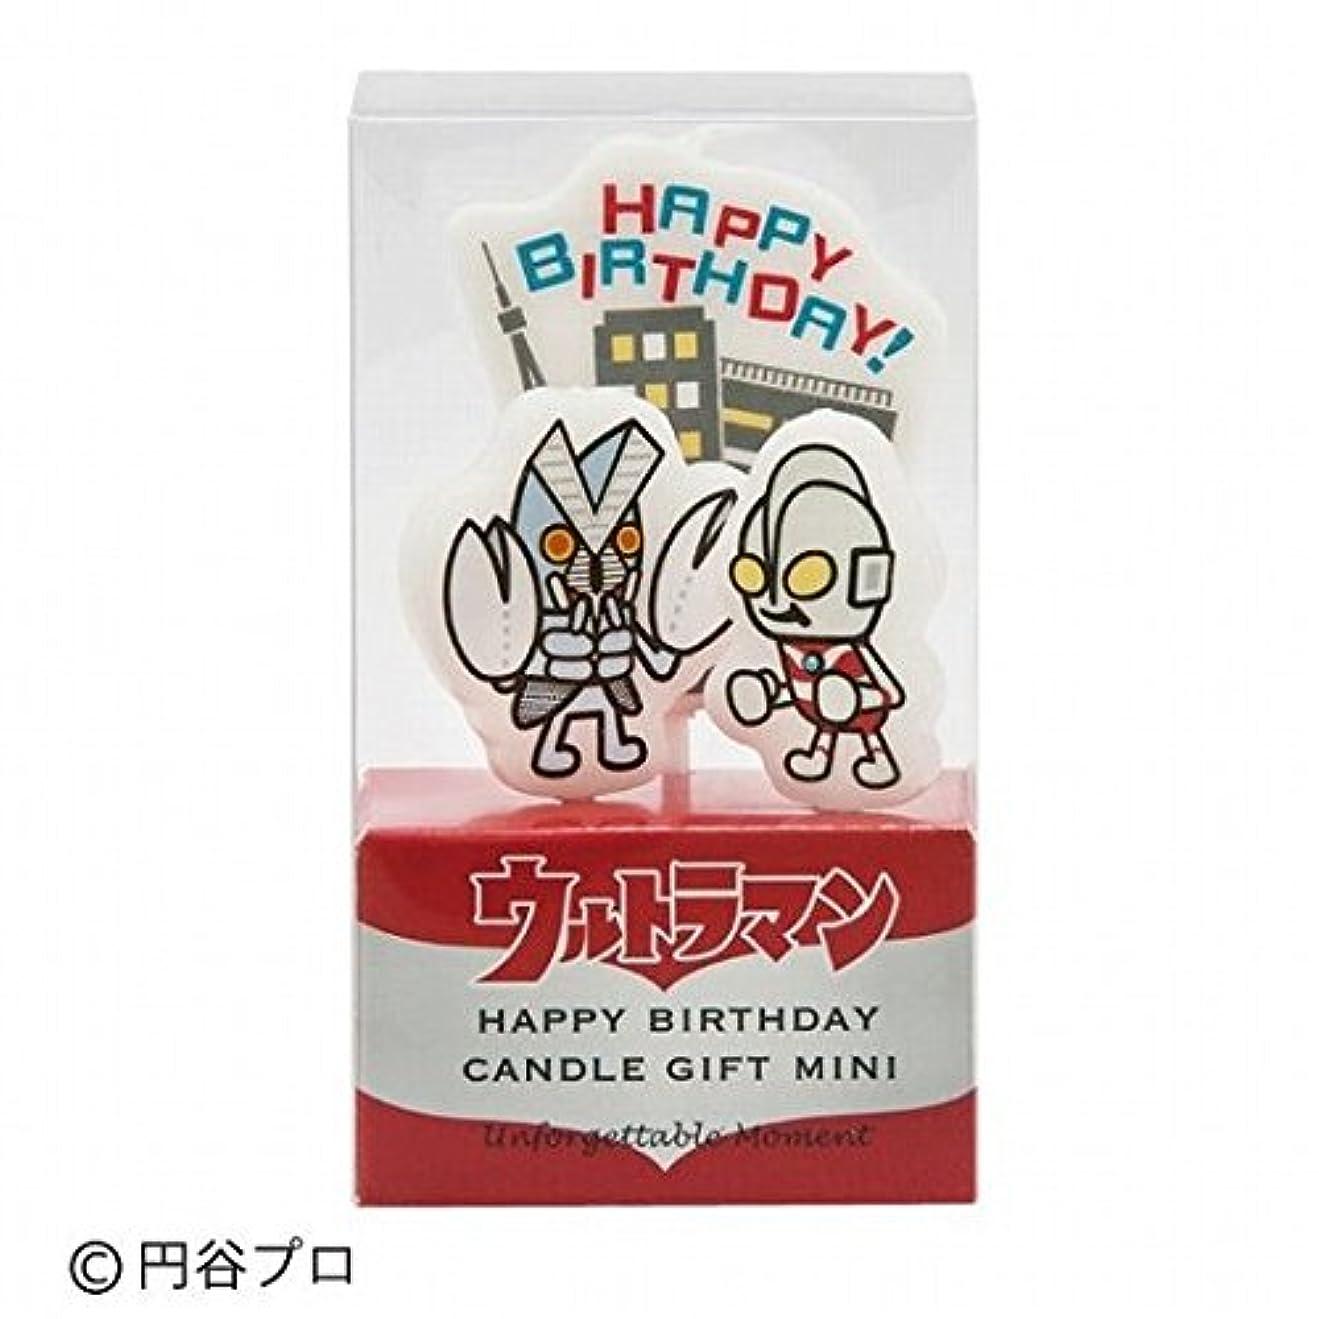 放棄複合順応性のあるkameyama candle(カメヤマキャンドル) ウルトラマンキャンドルギフトミニ 「 ハッピーバースデー 」(55360060)